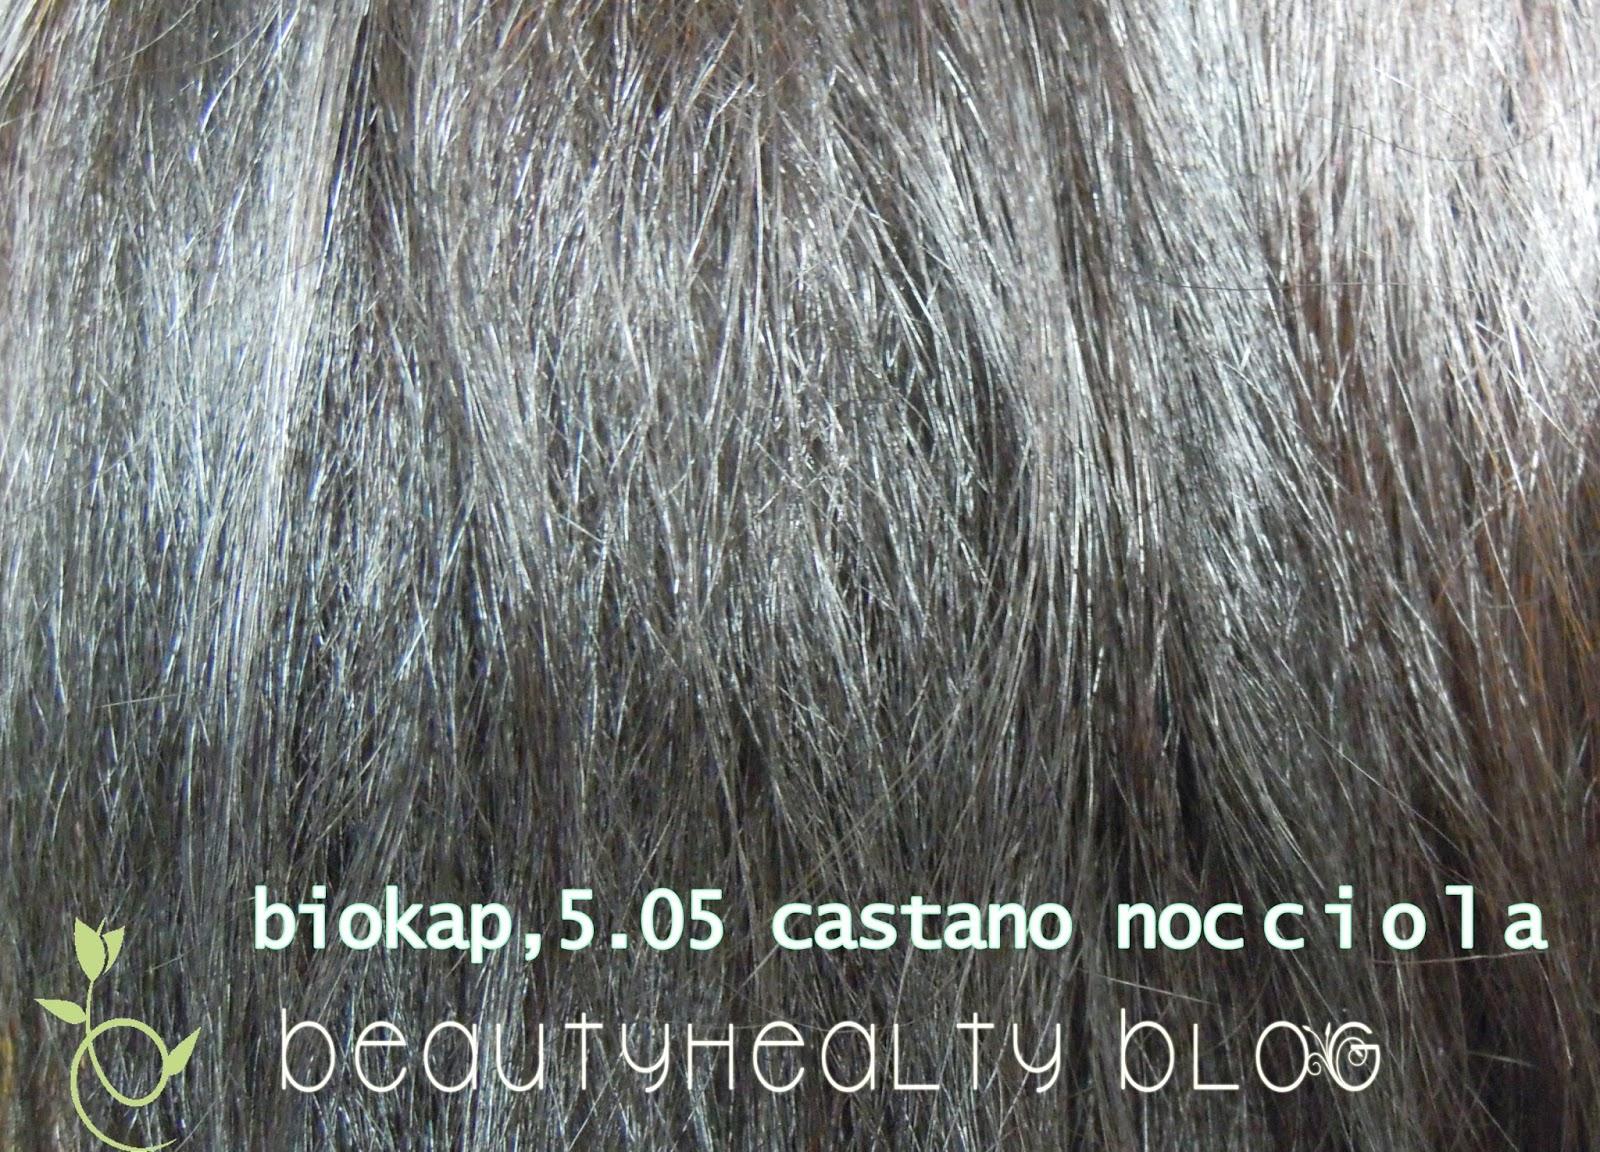 biokap castano nocciola e23cb23883d